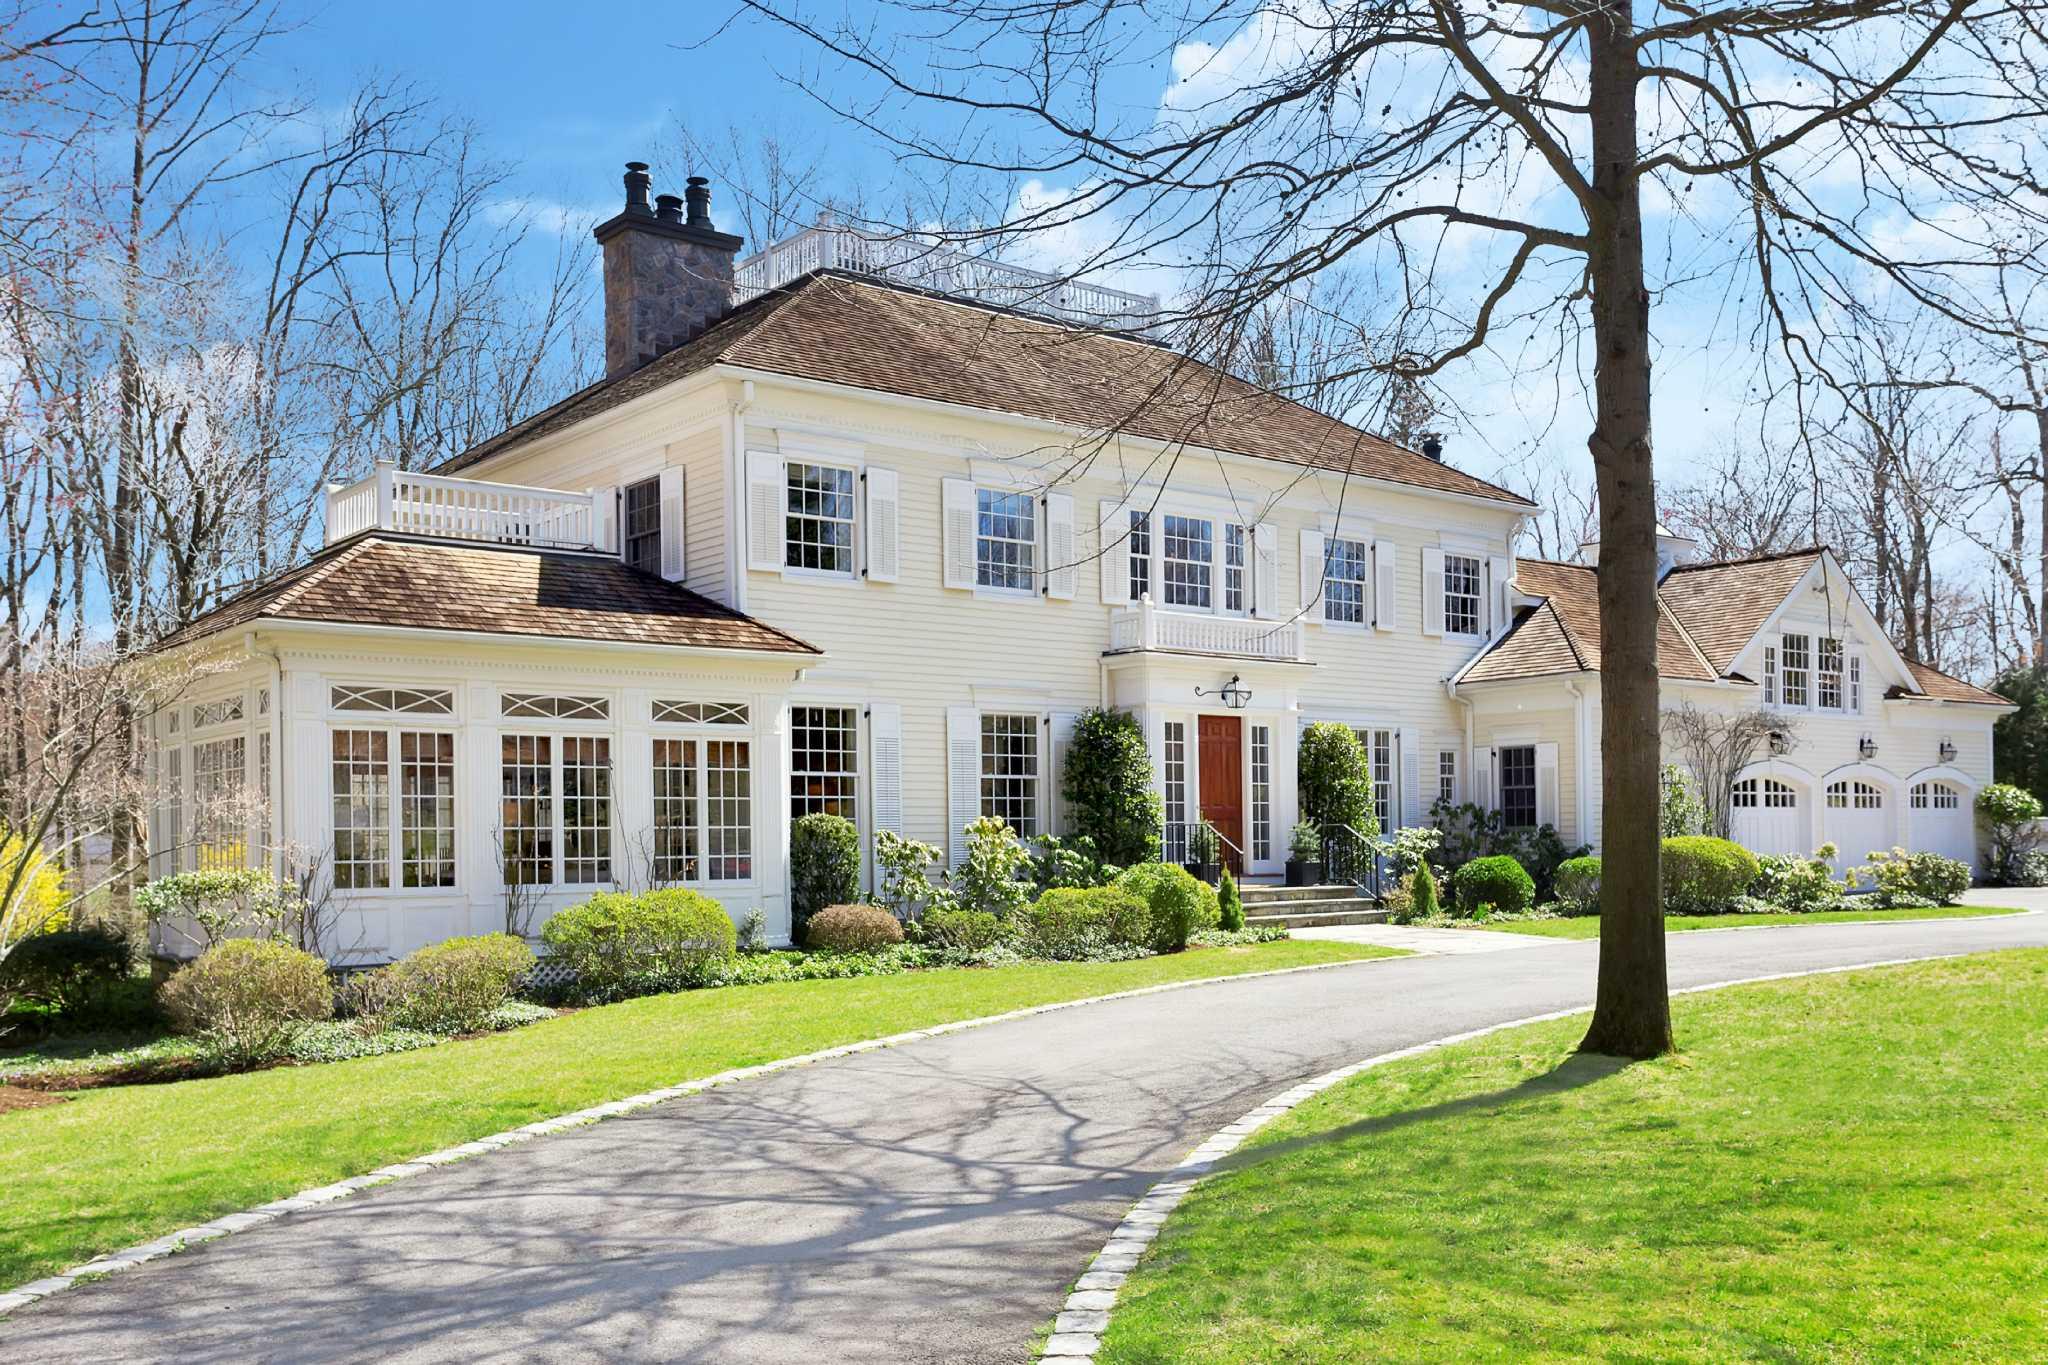 Colonial Real Estate : Real estate a colonial on quiet darien cul de sac